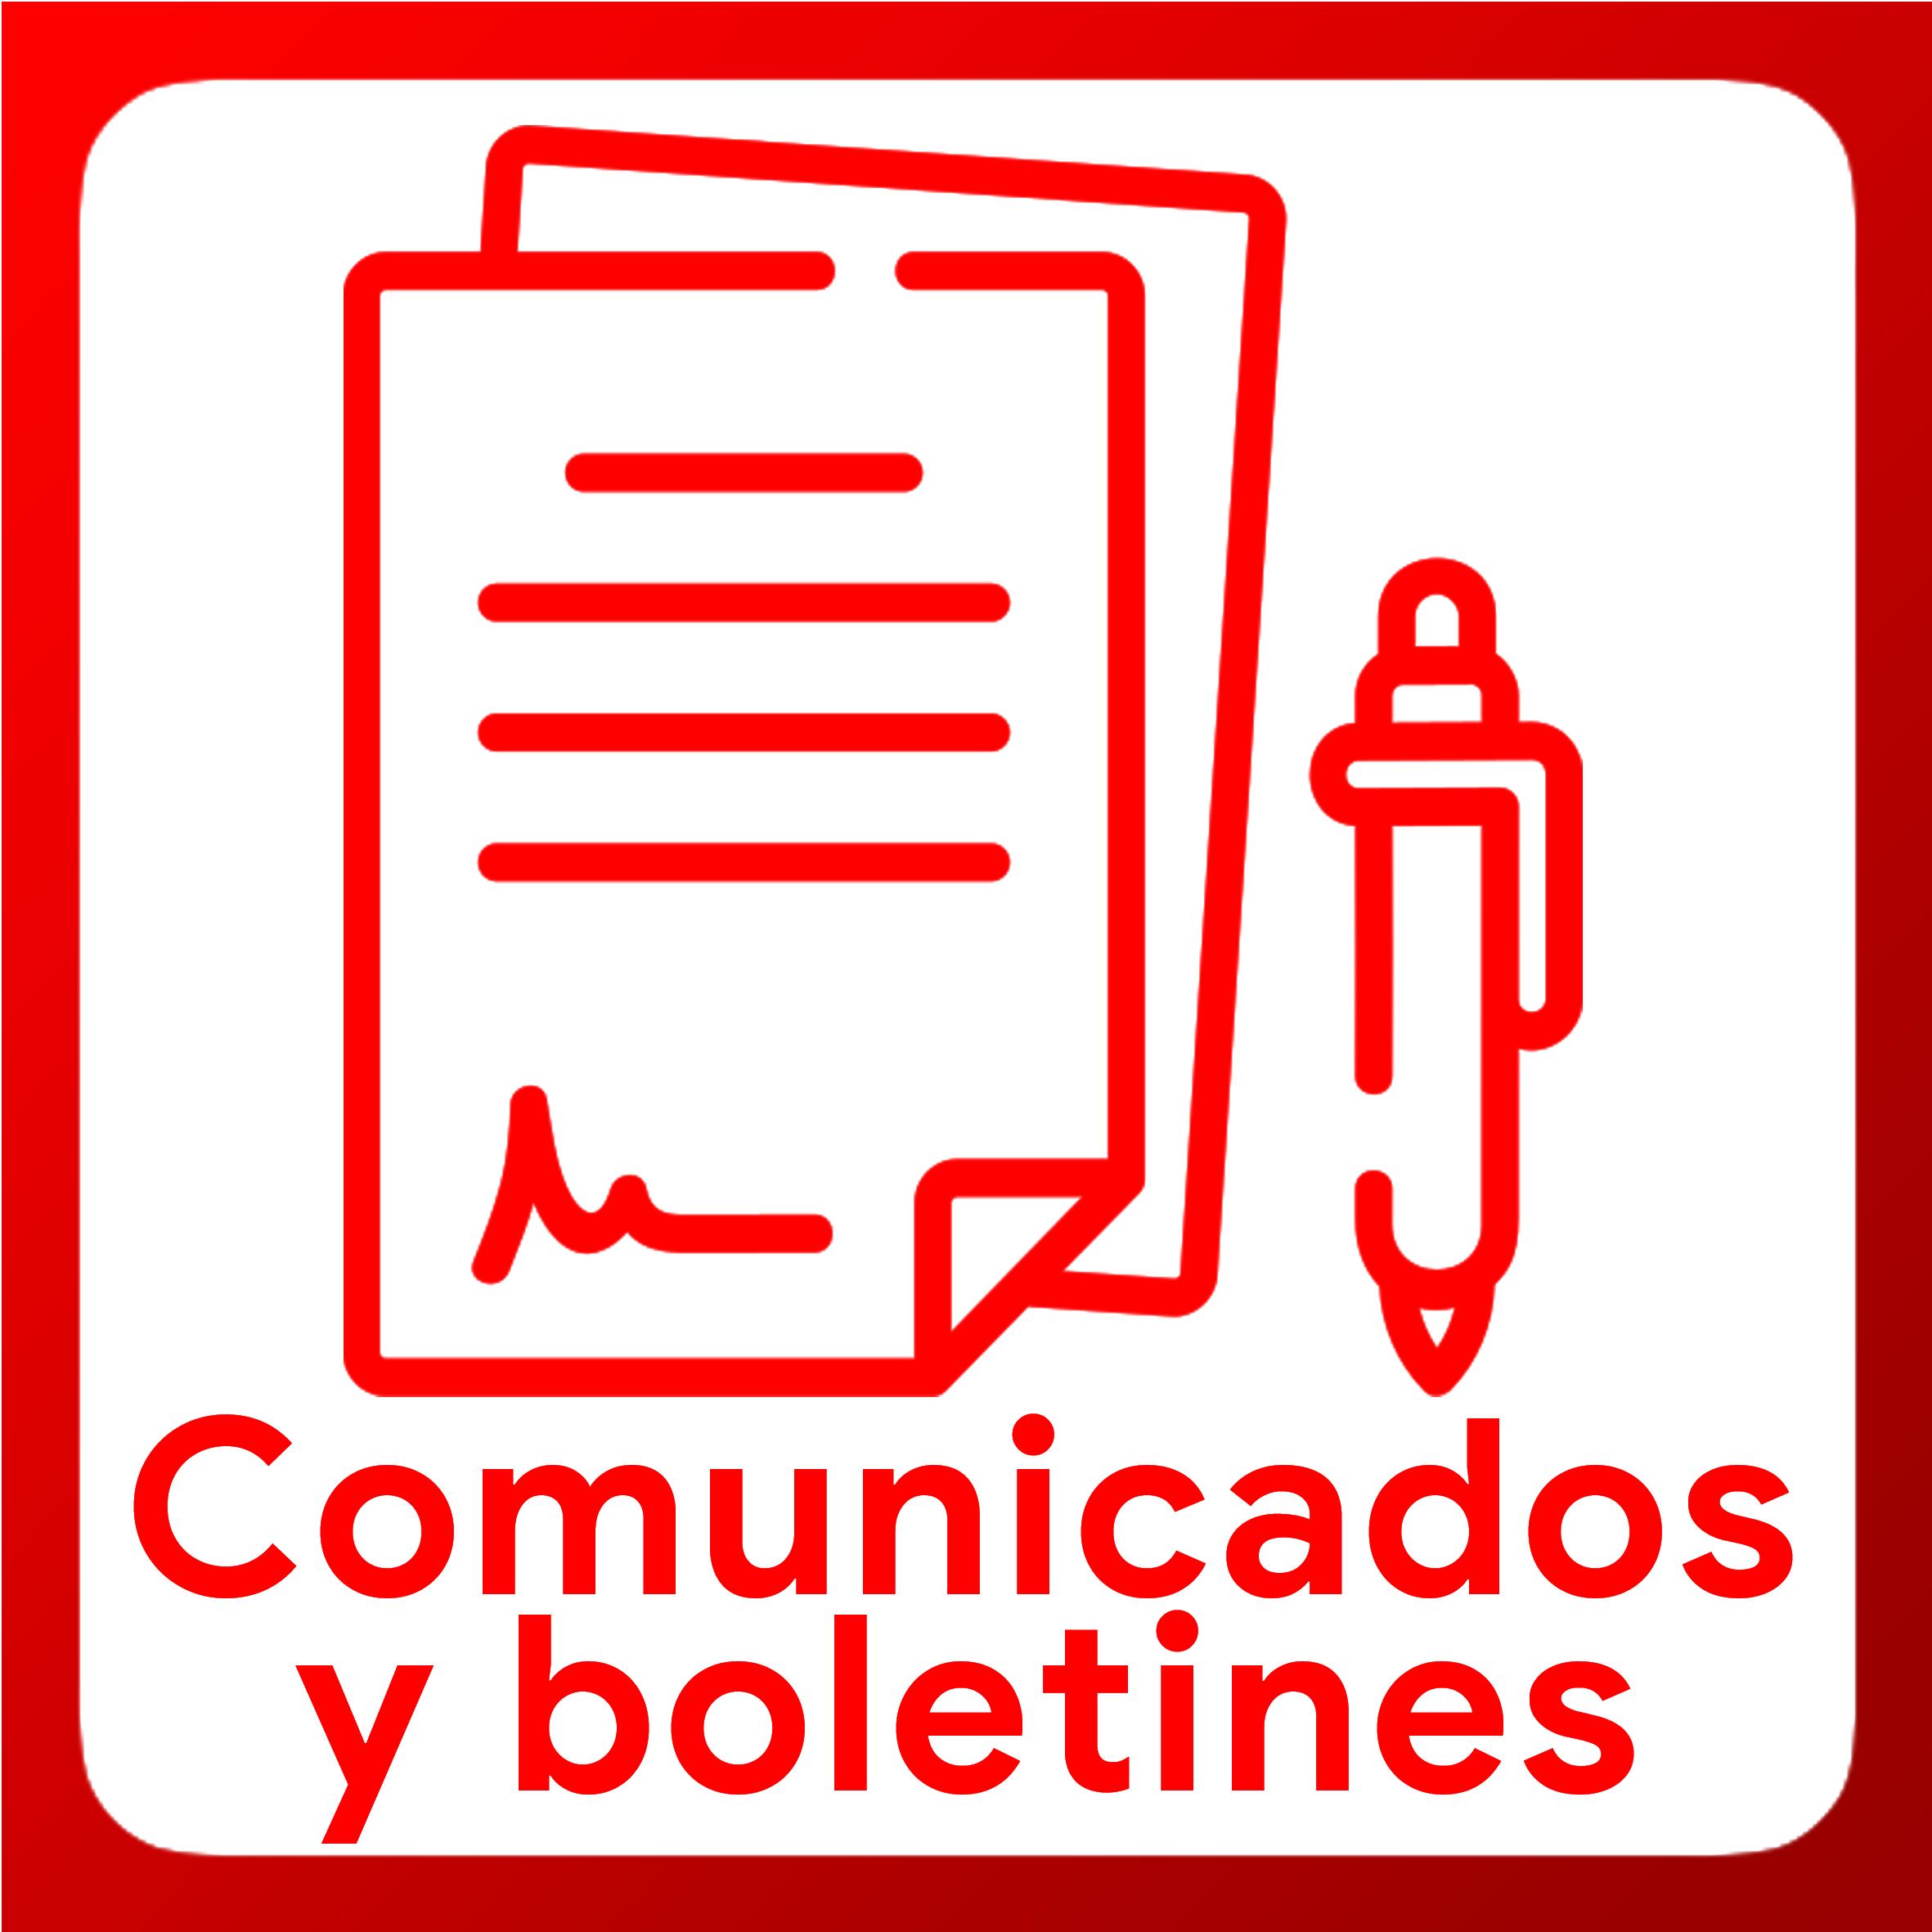 Boton activable de Comunicados y boletines